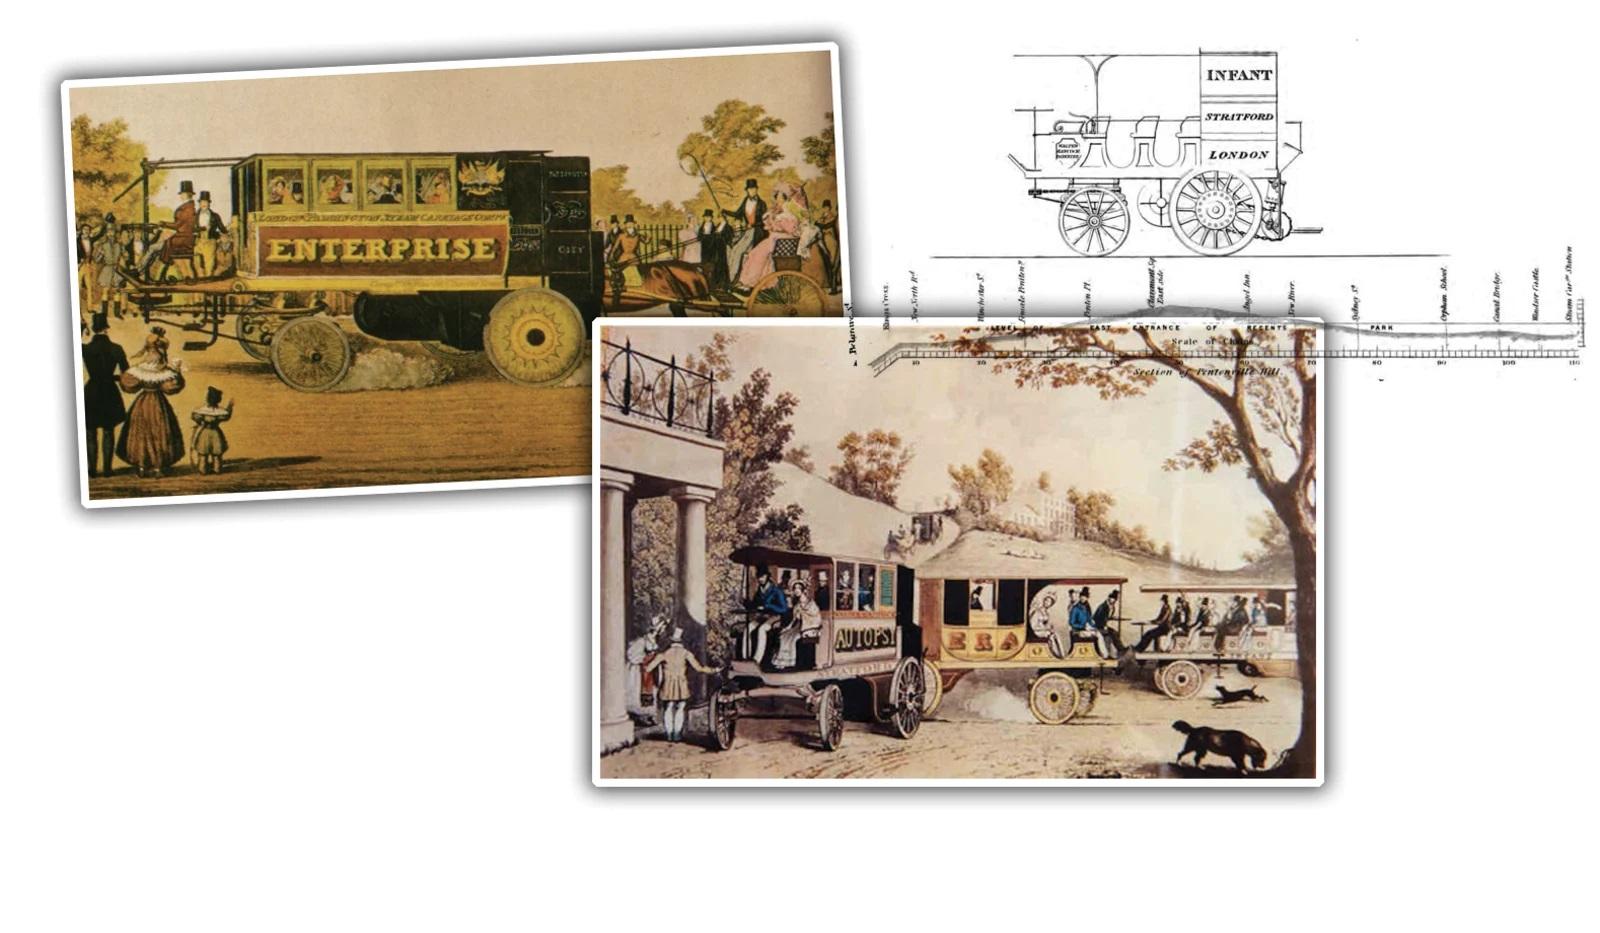 1831 Walter Hancock's Steam Omnibuses